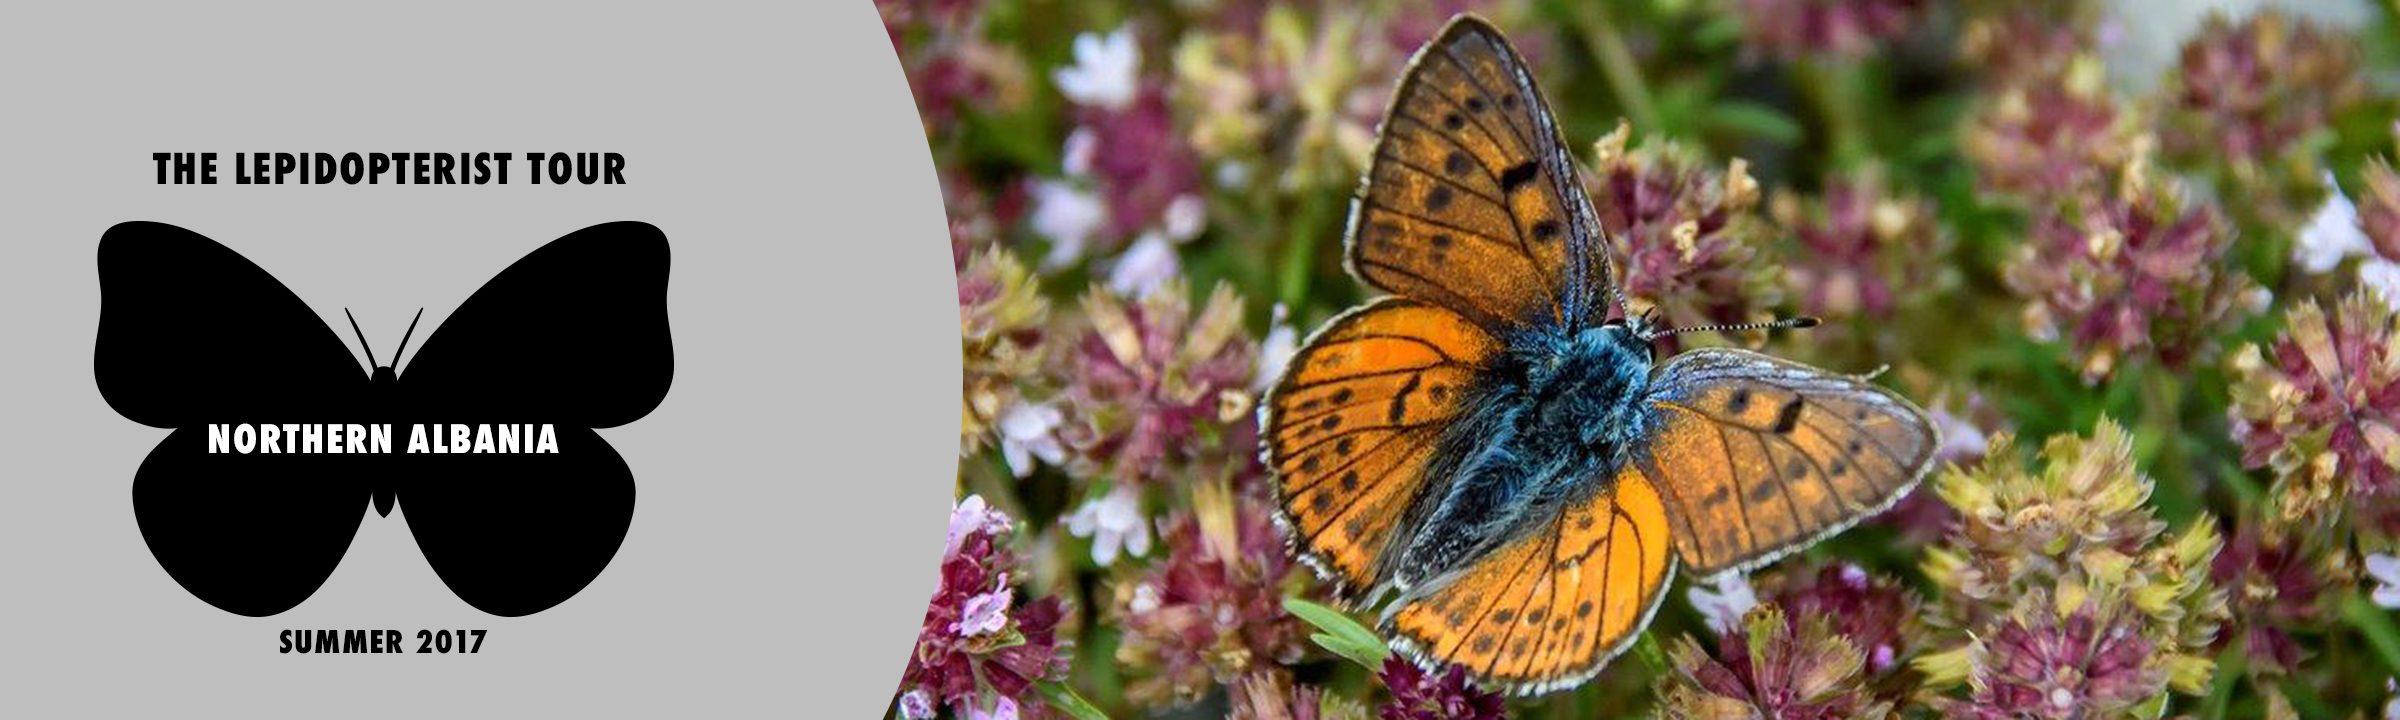 lepidopteristokok3